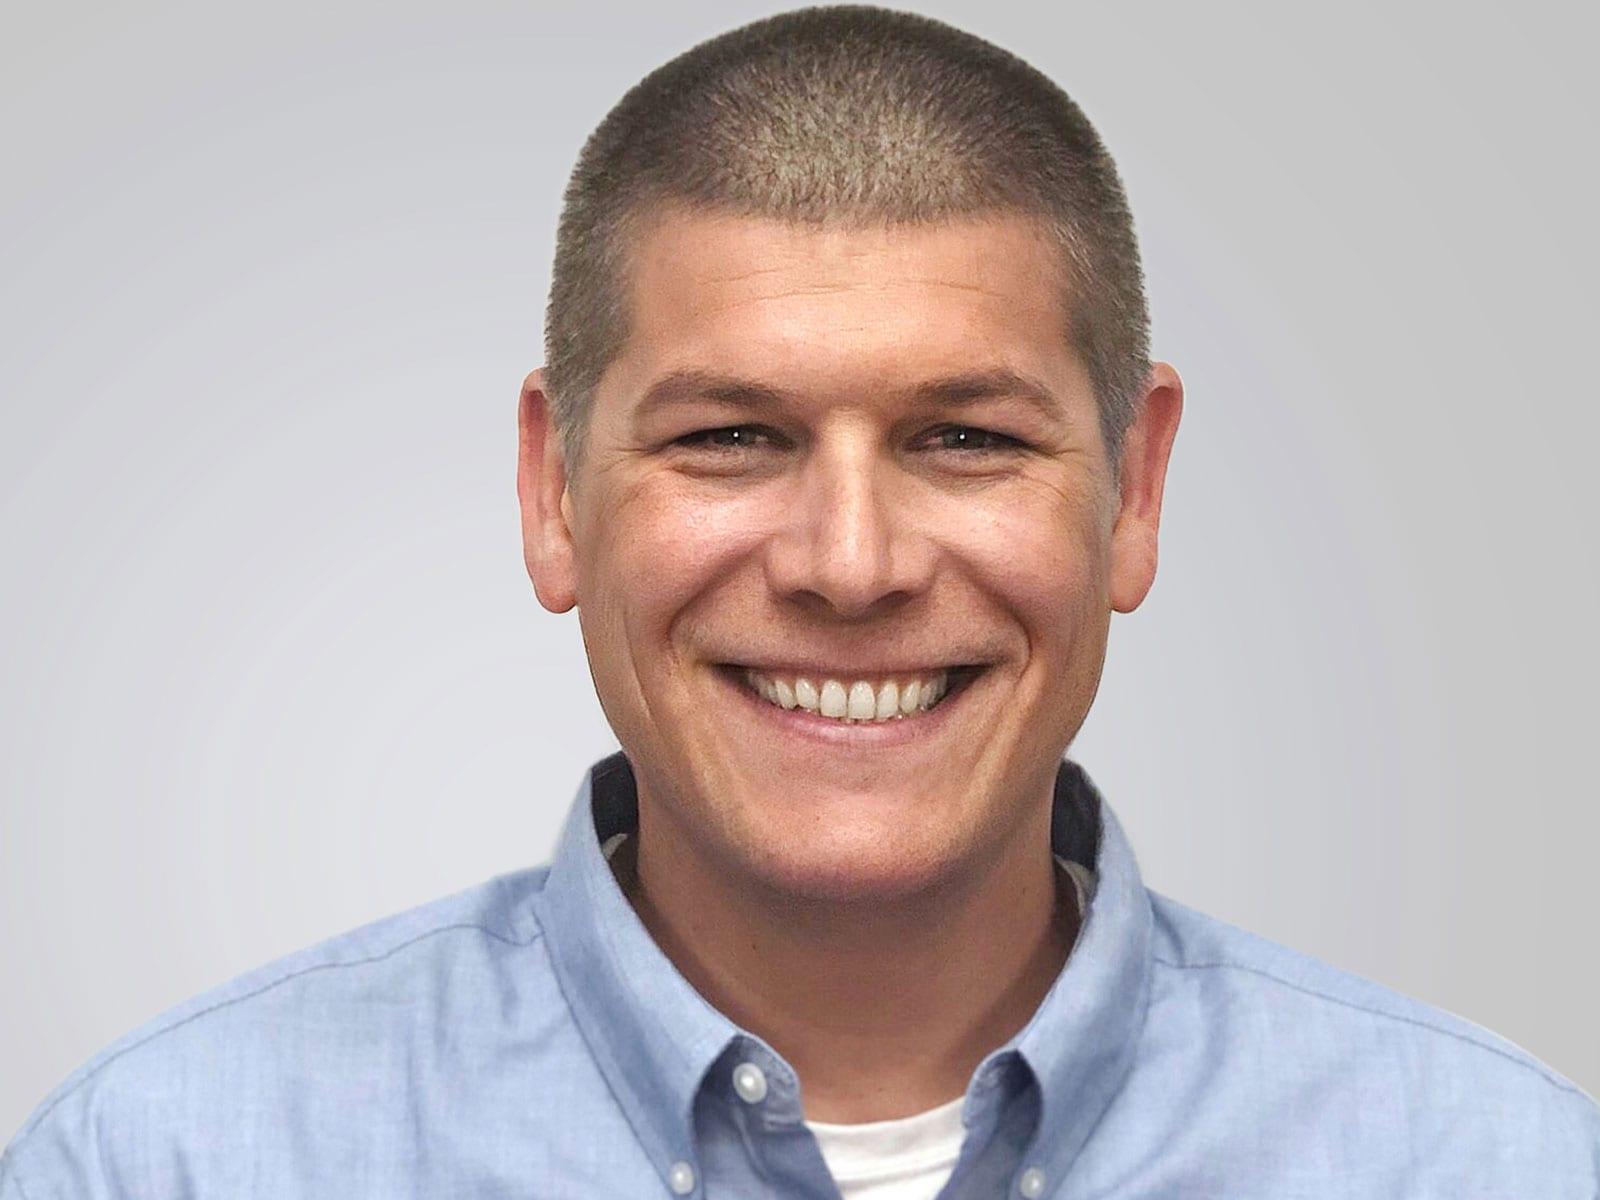 Scott Mutton